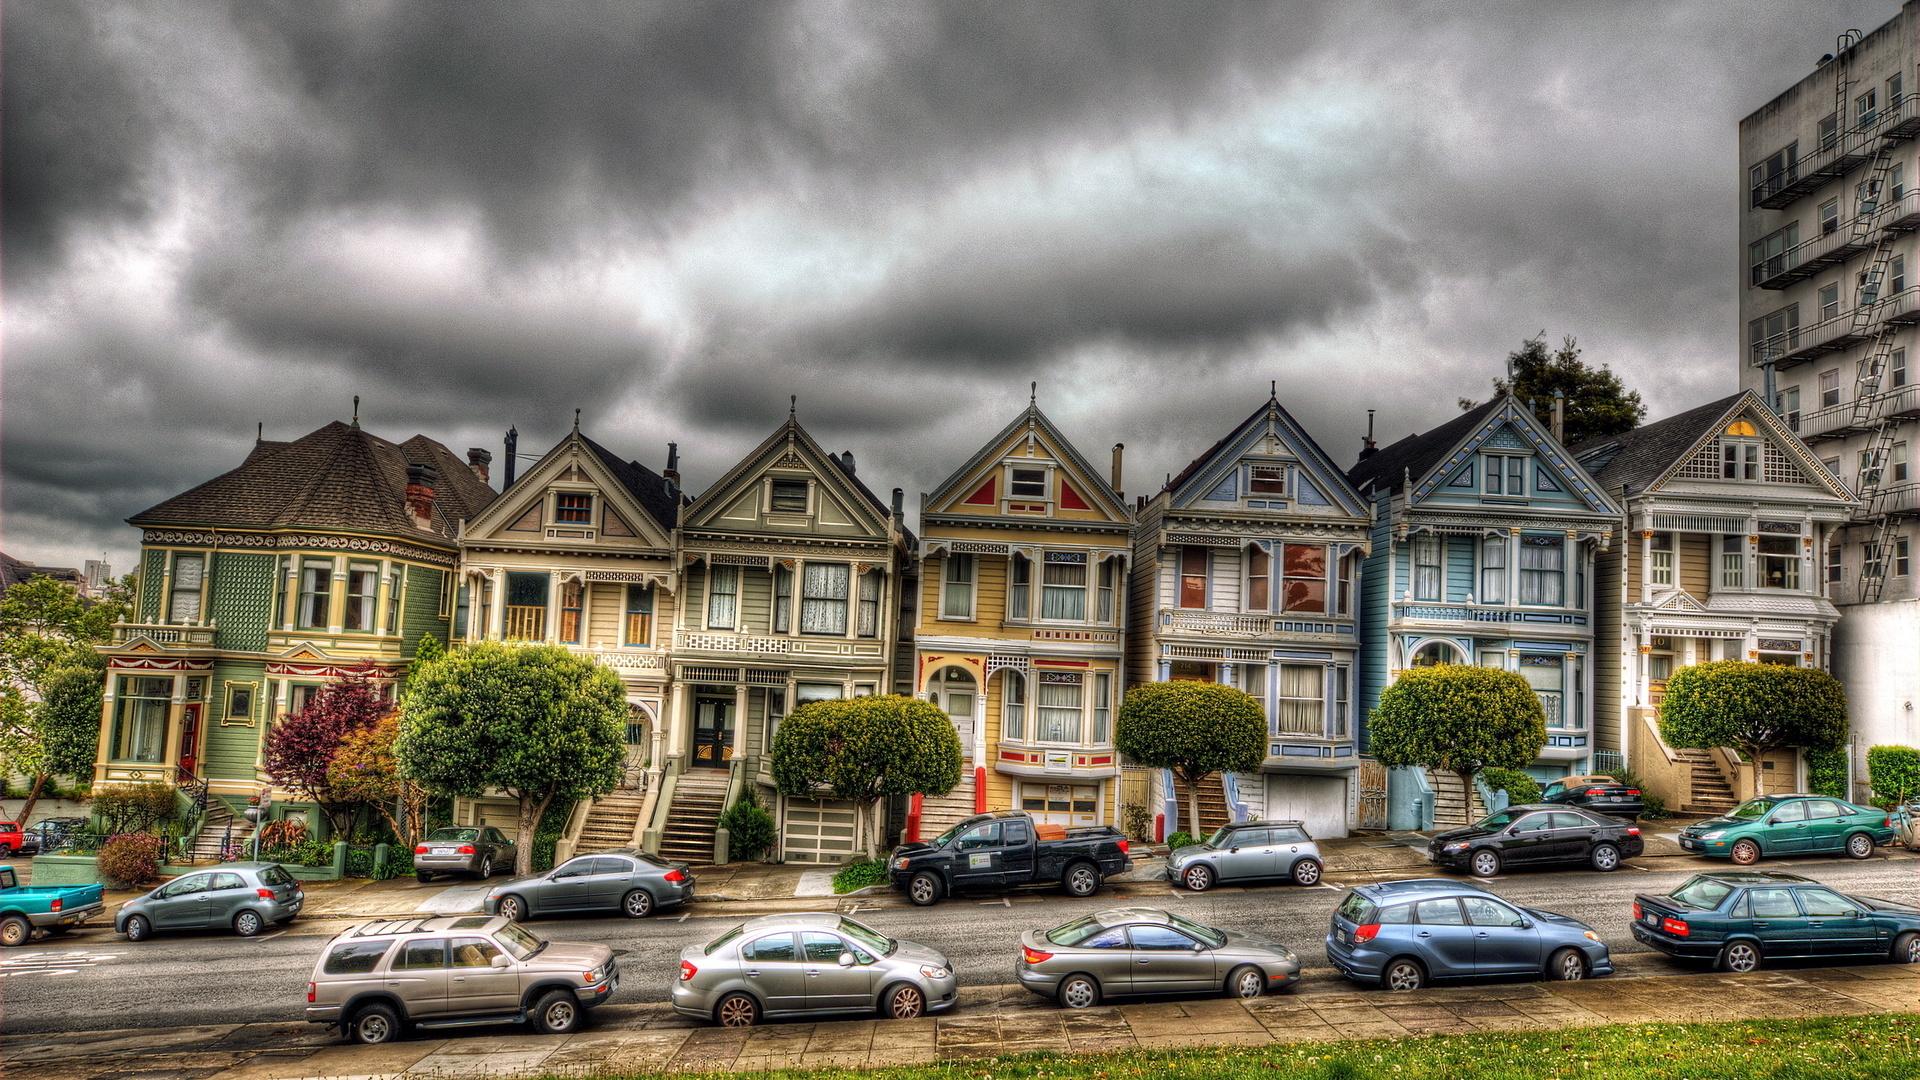 знаю, картинки дом-много домов хакерской атаки сеть